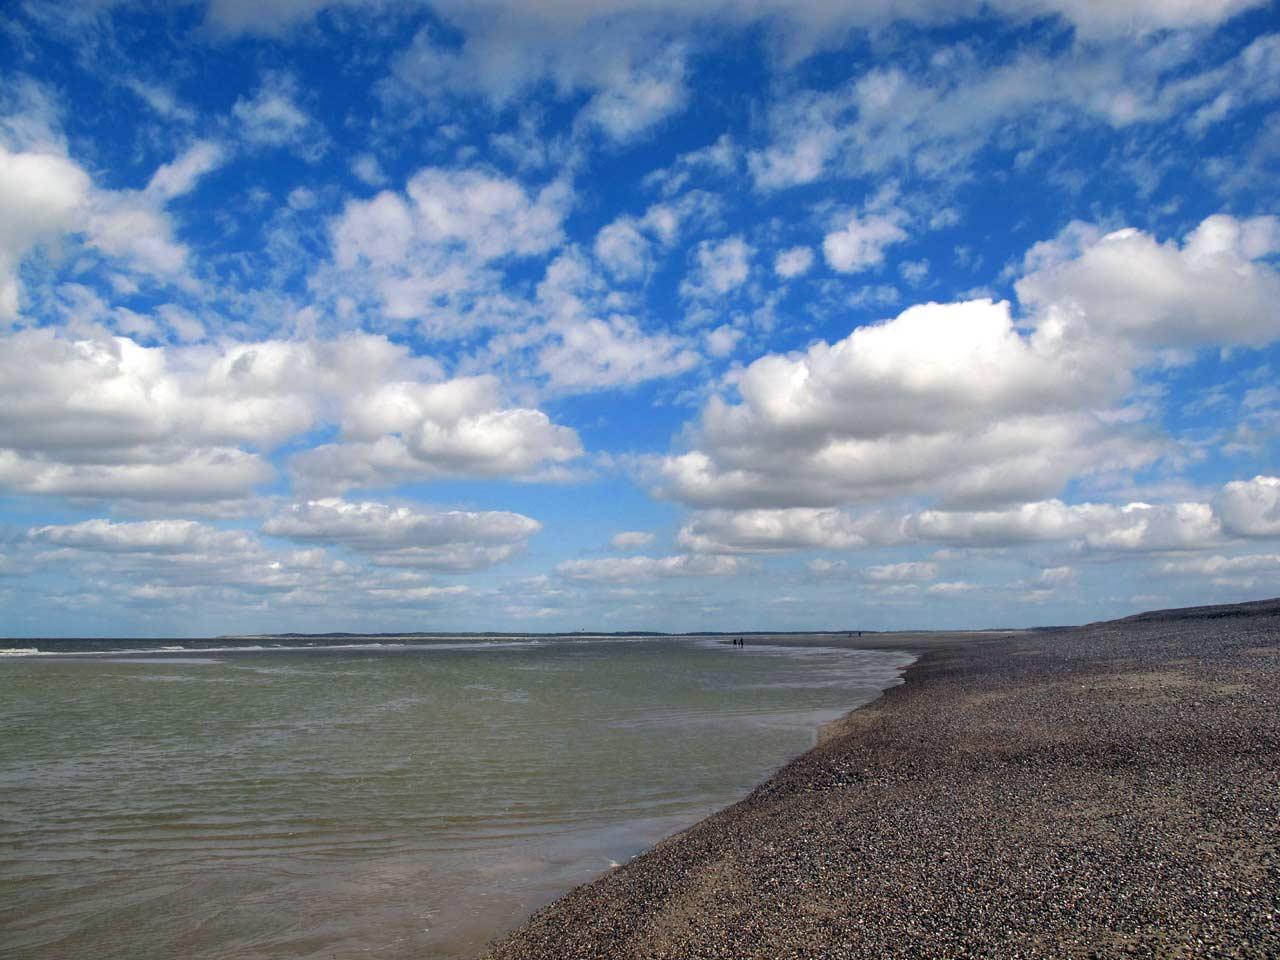 Les plages de la Baie de Somme